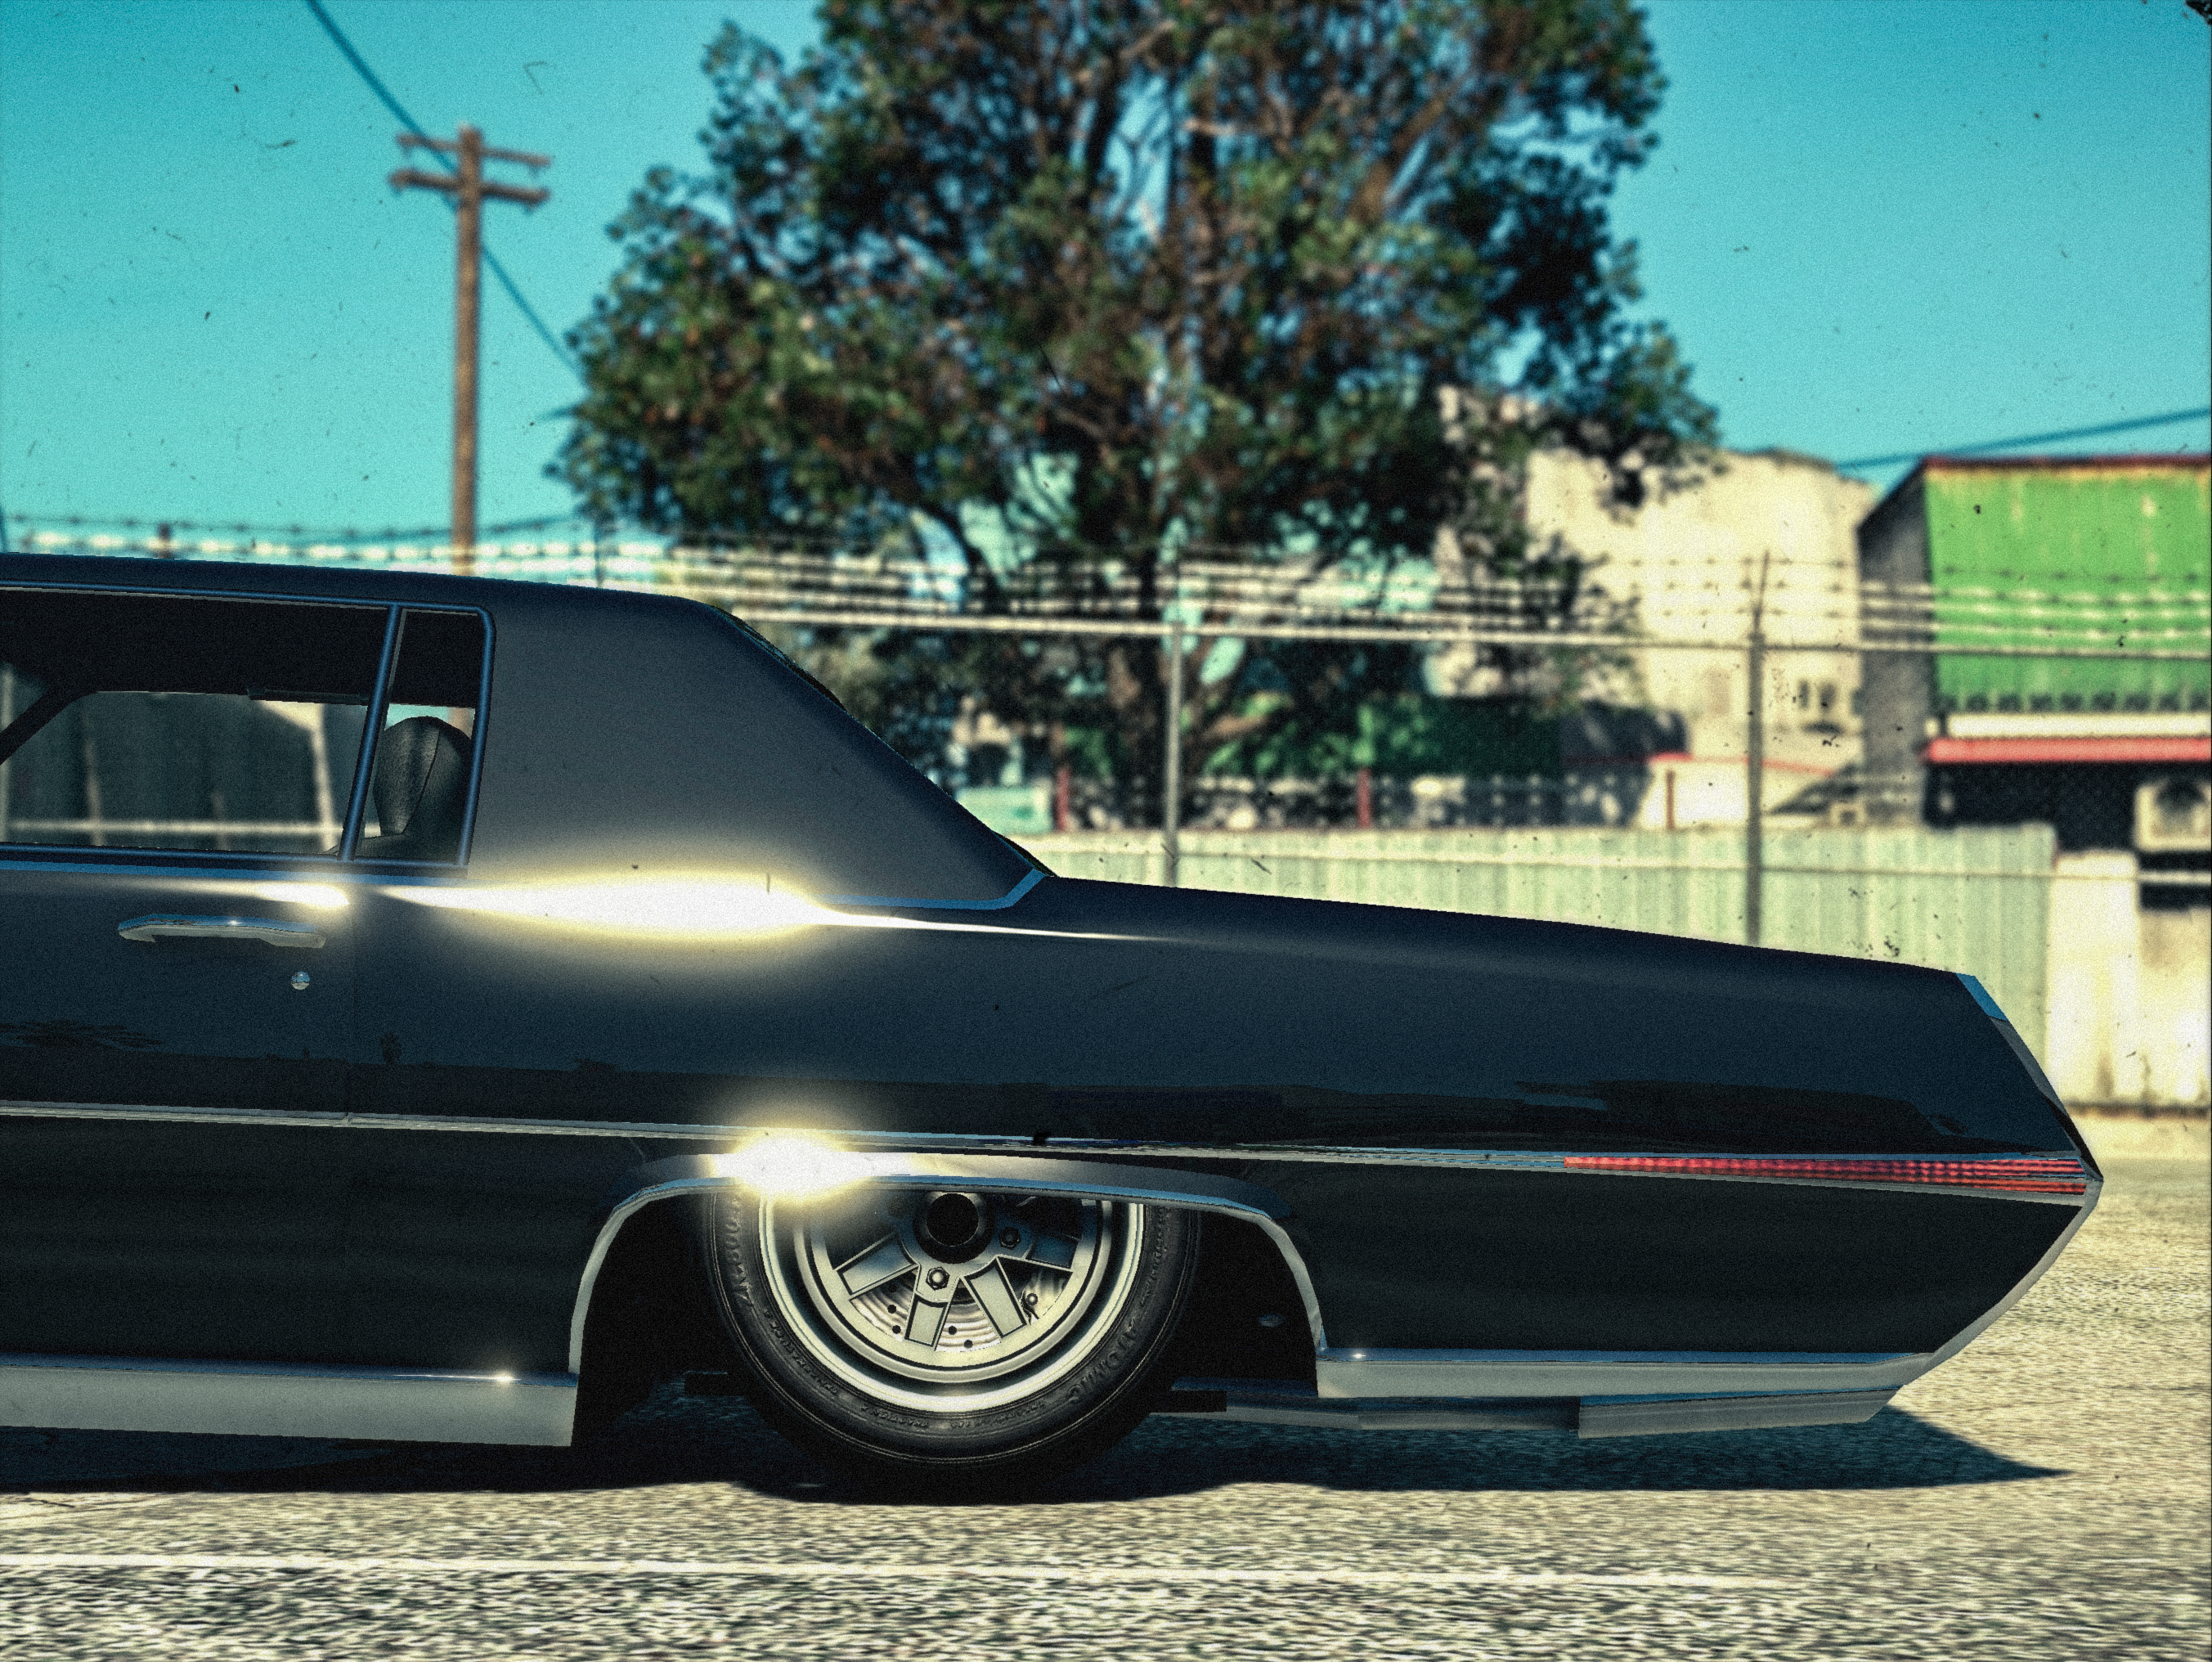 Grand_Theft_Auto_V_Screenshot_2019.02.27